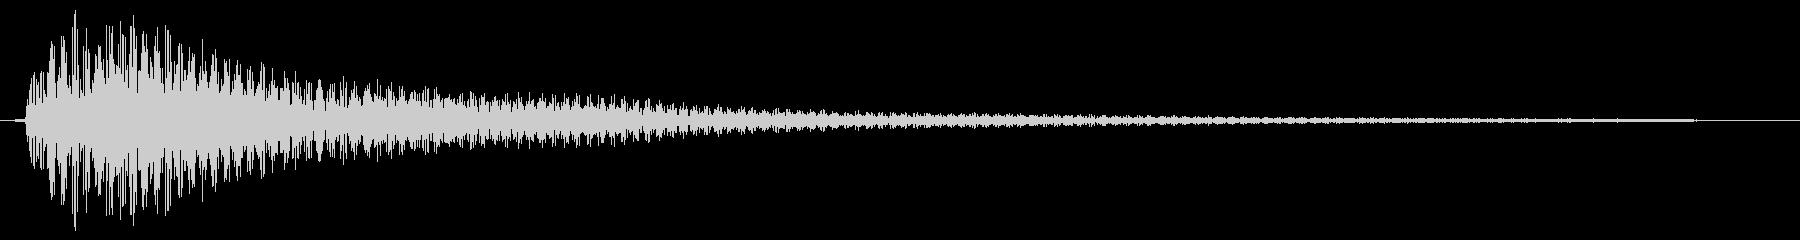 ピローンというビブラホーン風通知音の未再生の波形